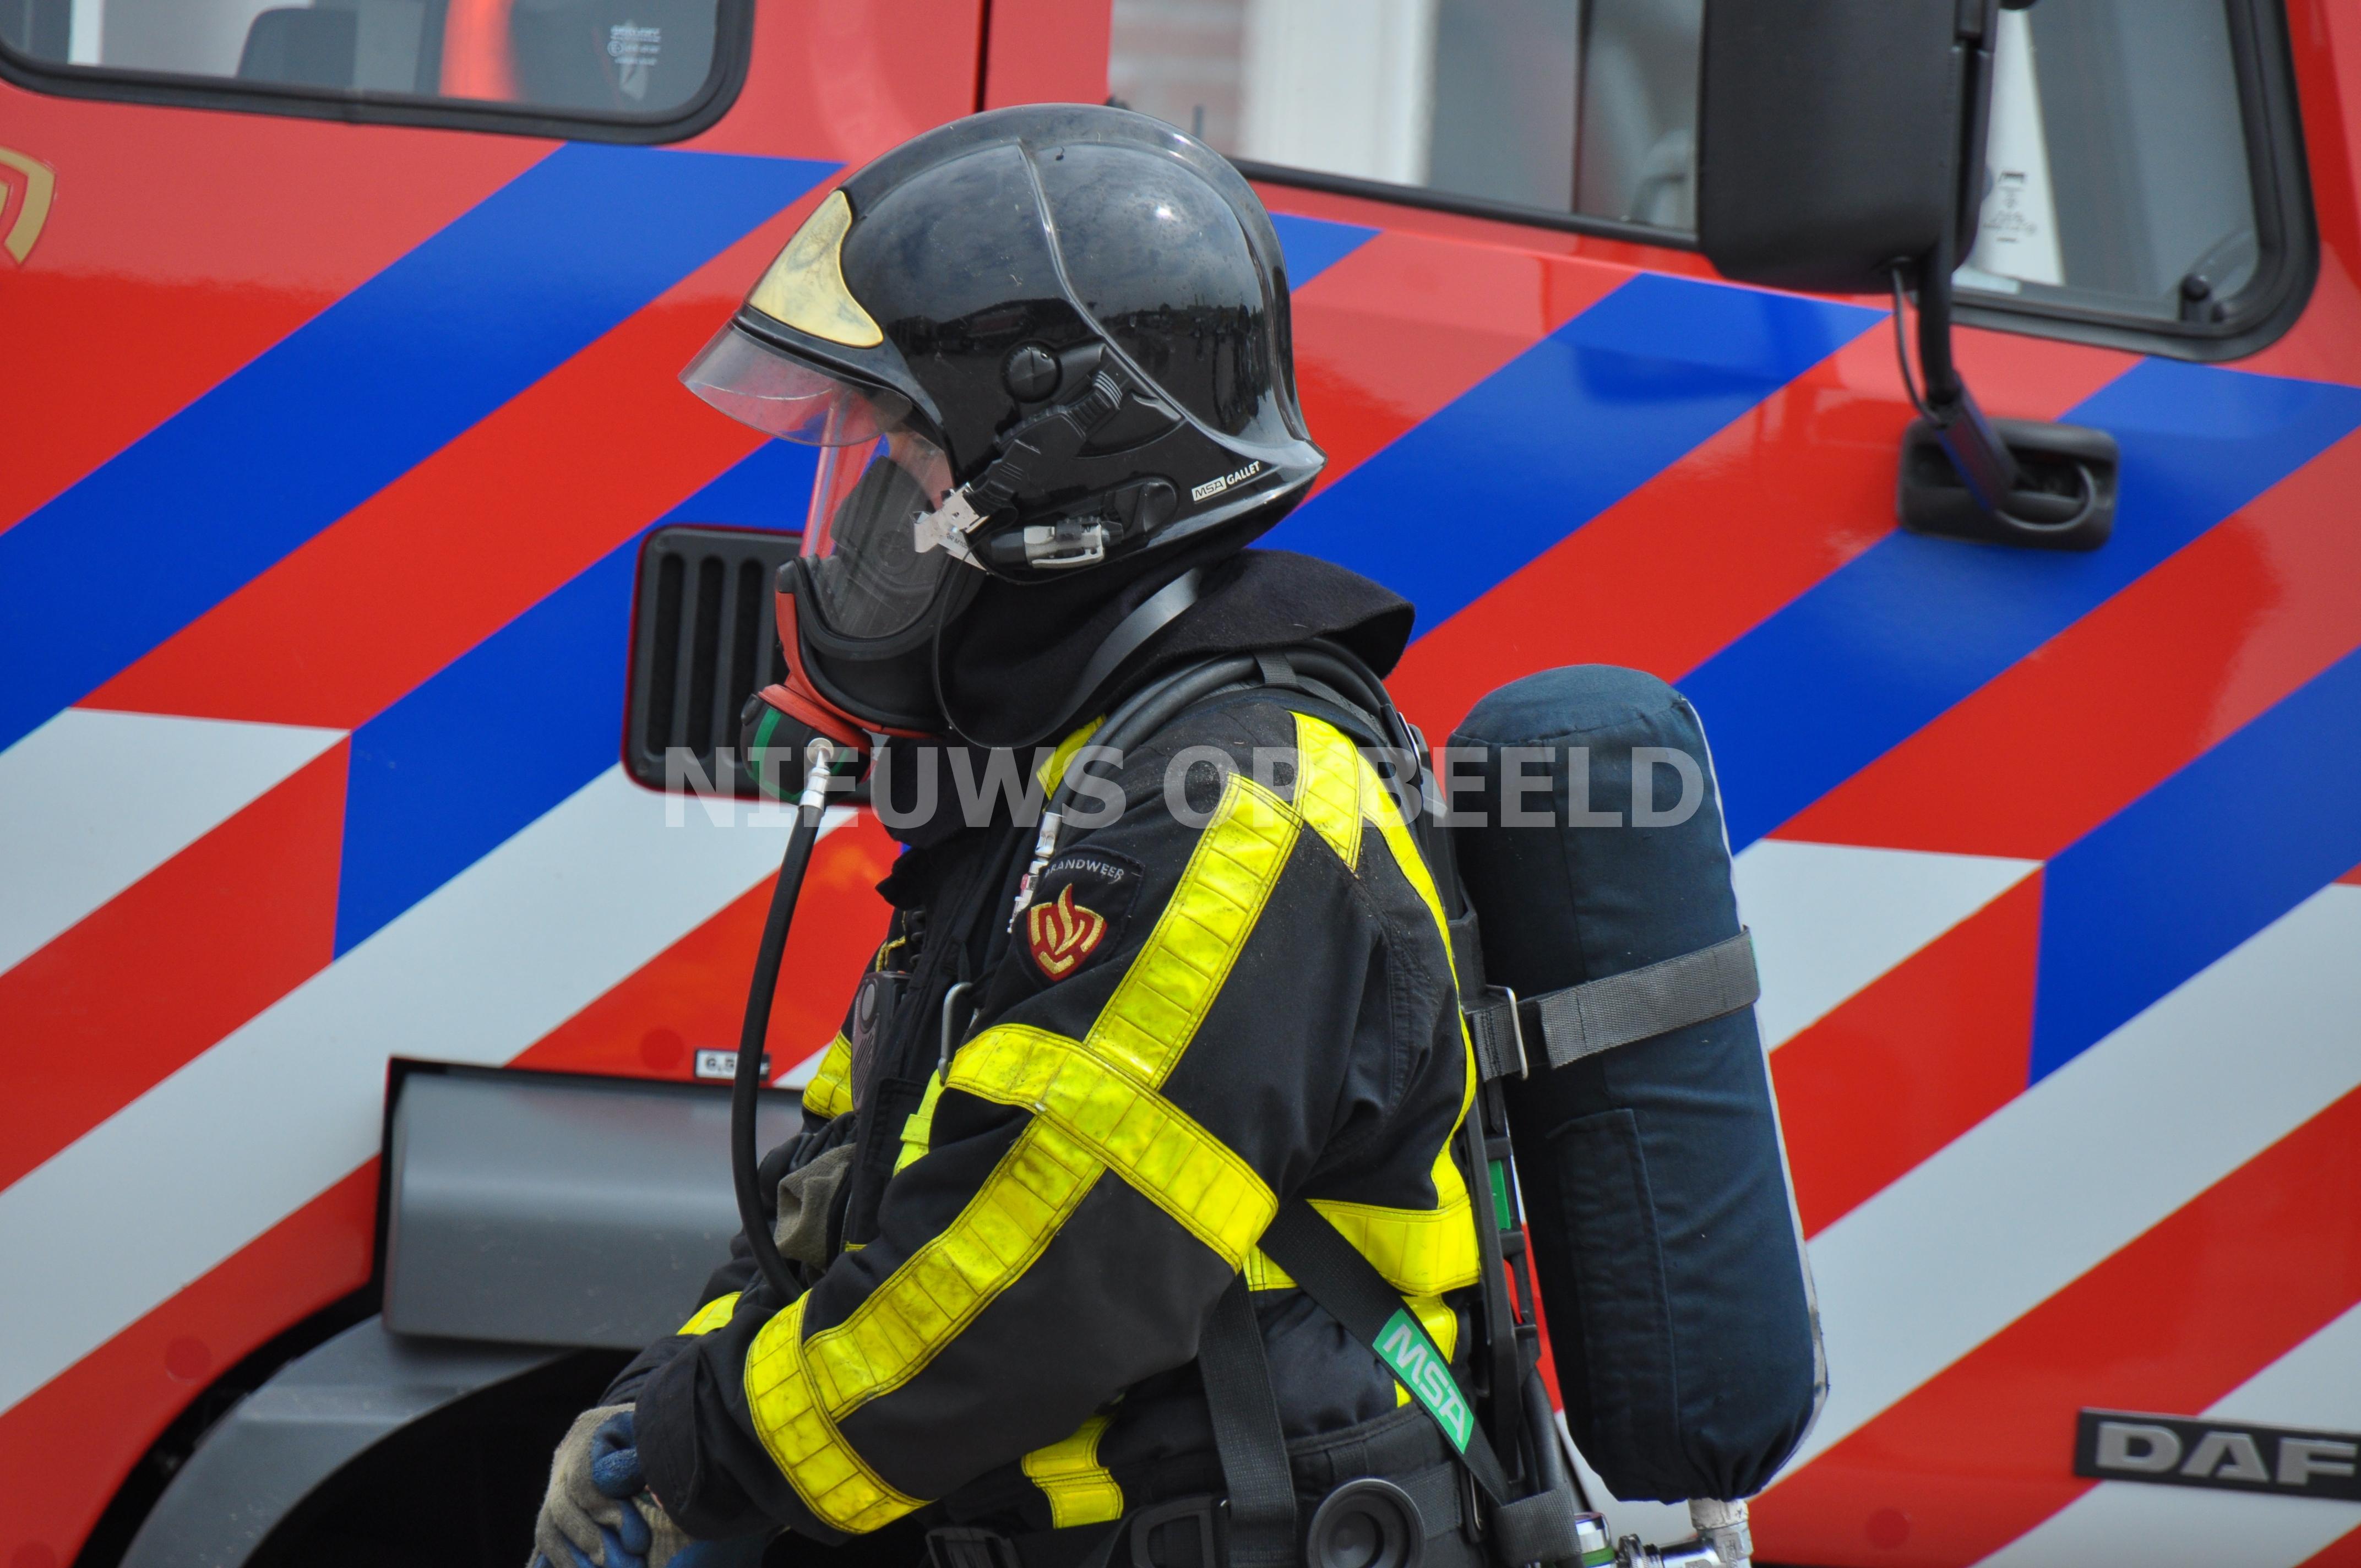 Grote brand verwoest loods met horecamaterialen in Bruinisse